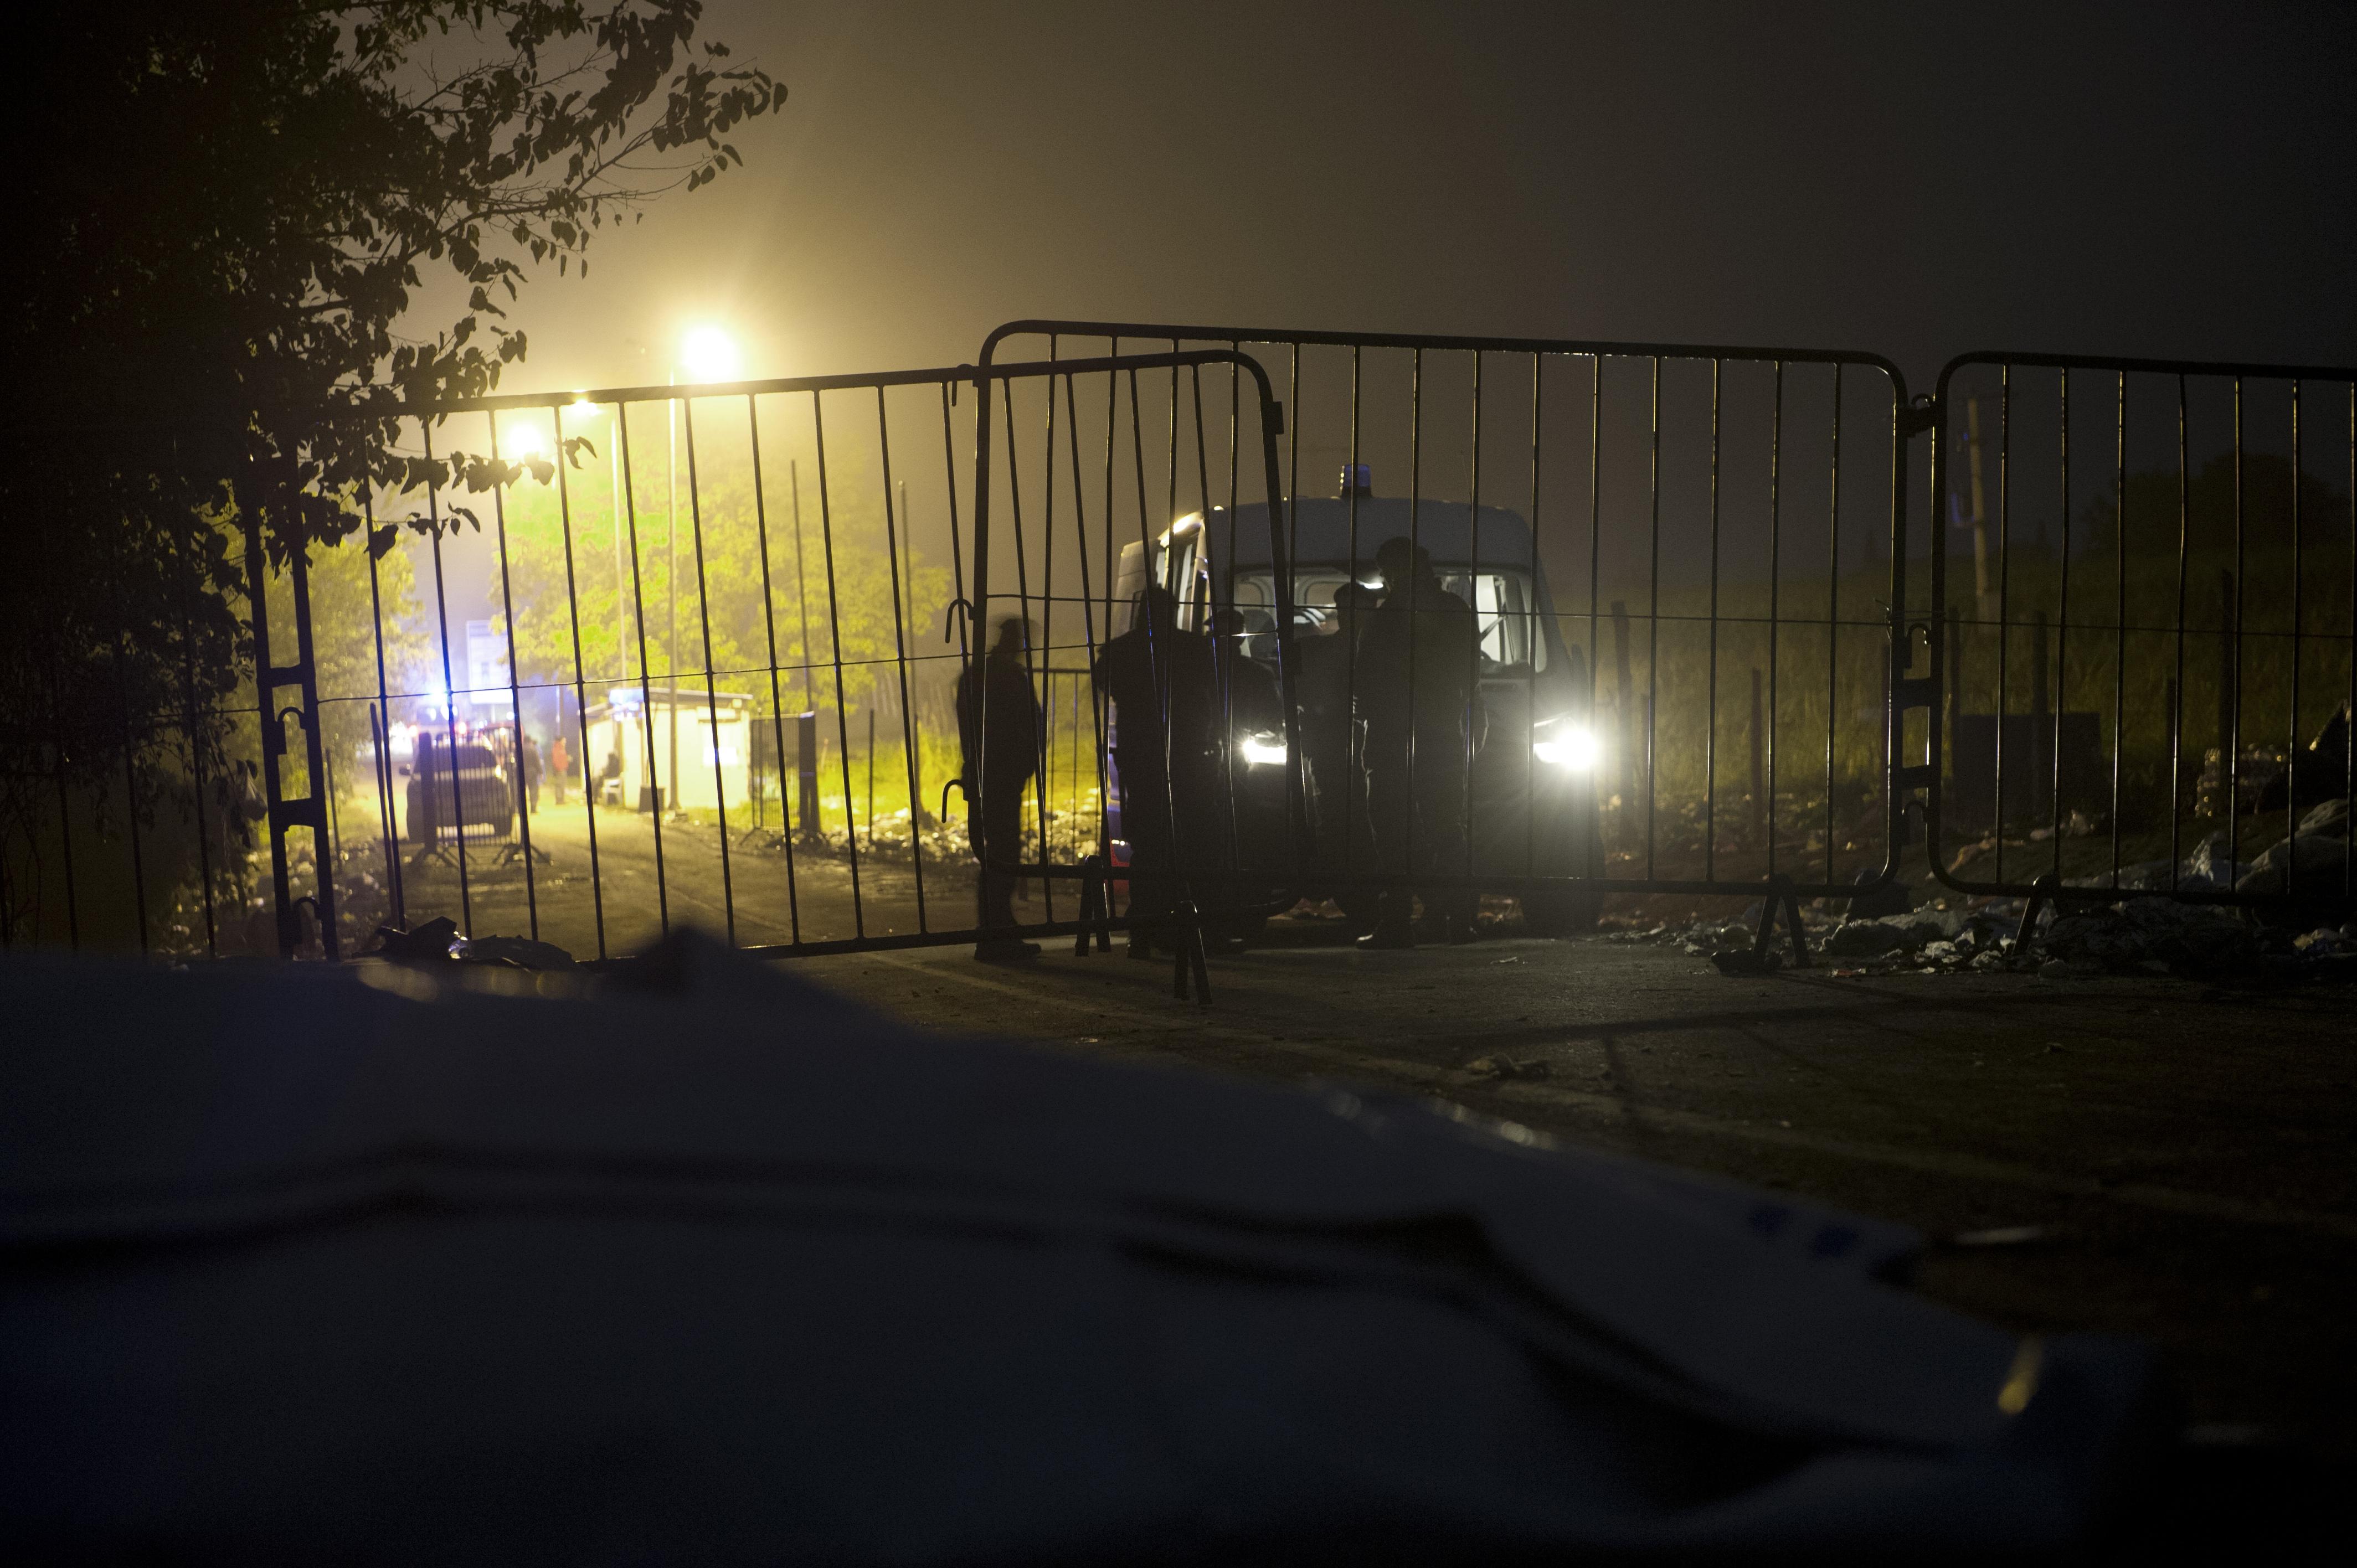 Der inoffizielle Grenzübergang zwischen Serbien und Kroatien InBerkasovo/Bapska ist der letzte, der für die Flüchtlinge offen geblieben ist.